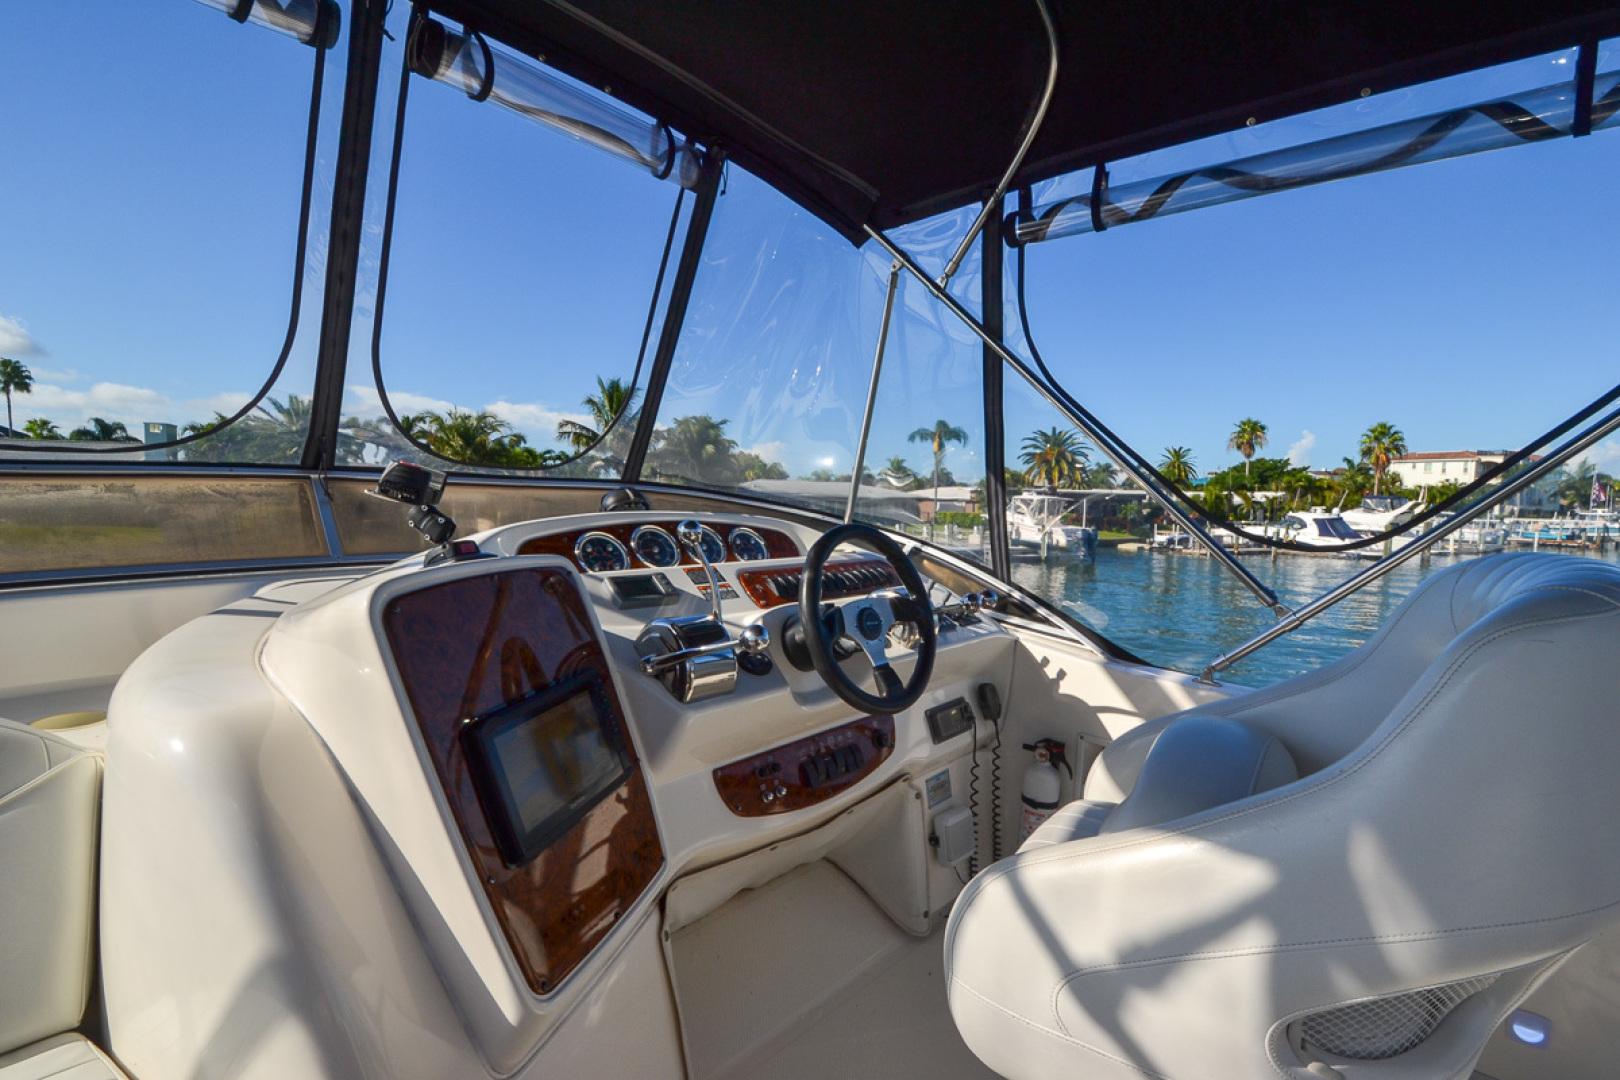 Meridian-341 Sedan 2004-Sea Harmony Belleair Beach-Florida-United States-1496622 | Thumbnail